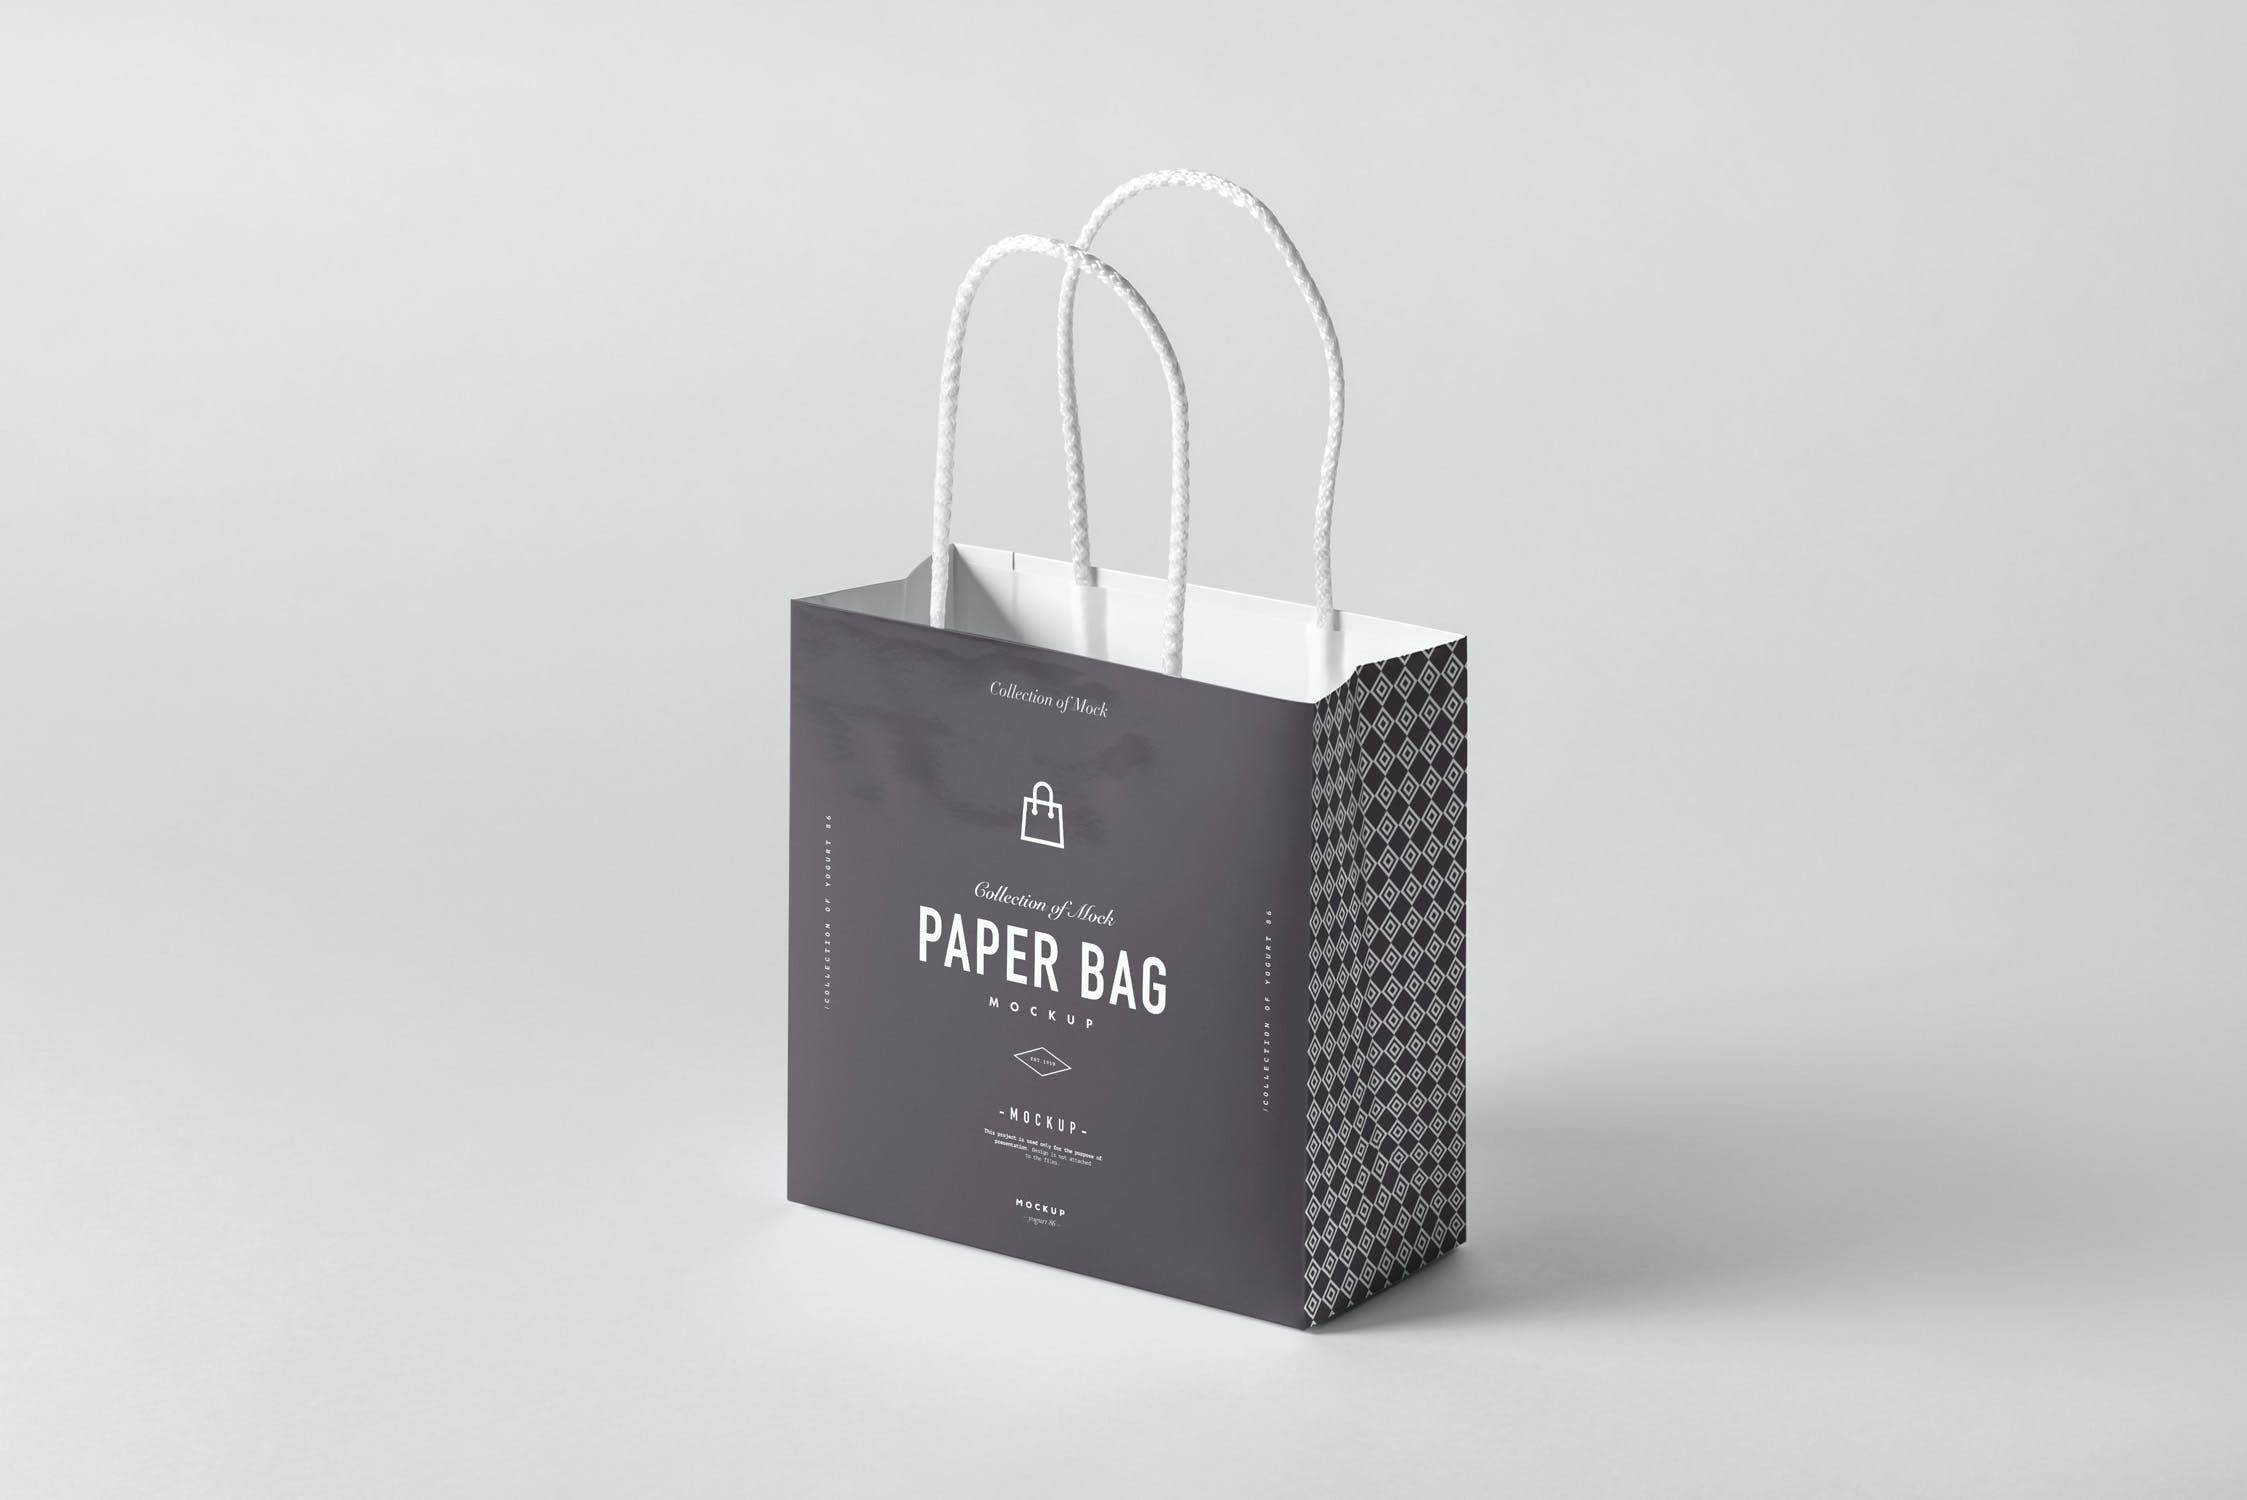 11款购物手提纸袋设计展示样机模板 Paper Bag Mockup 2插图(1)